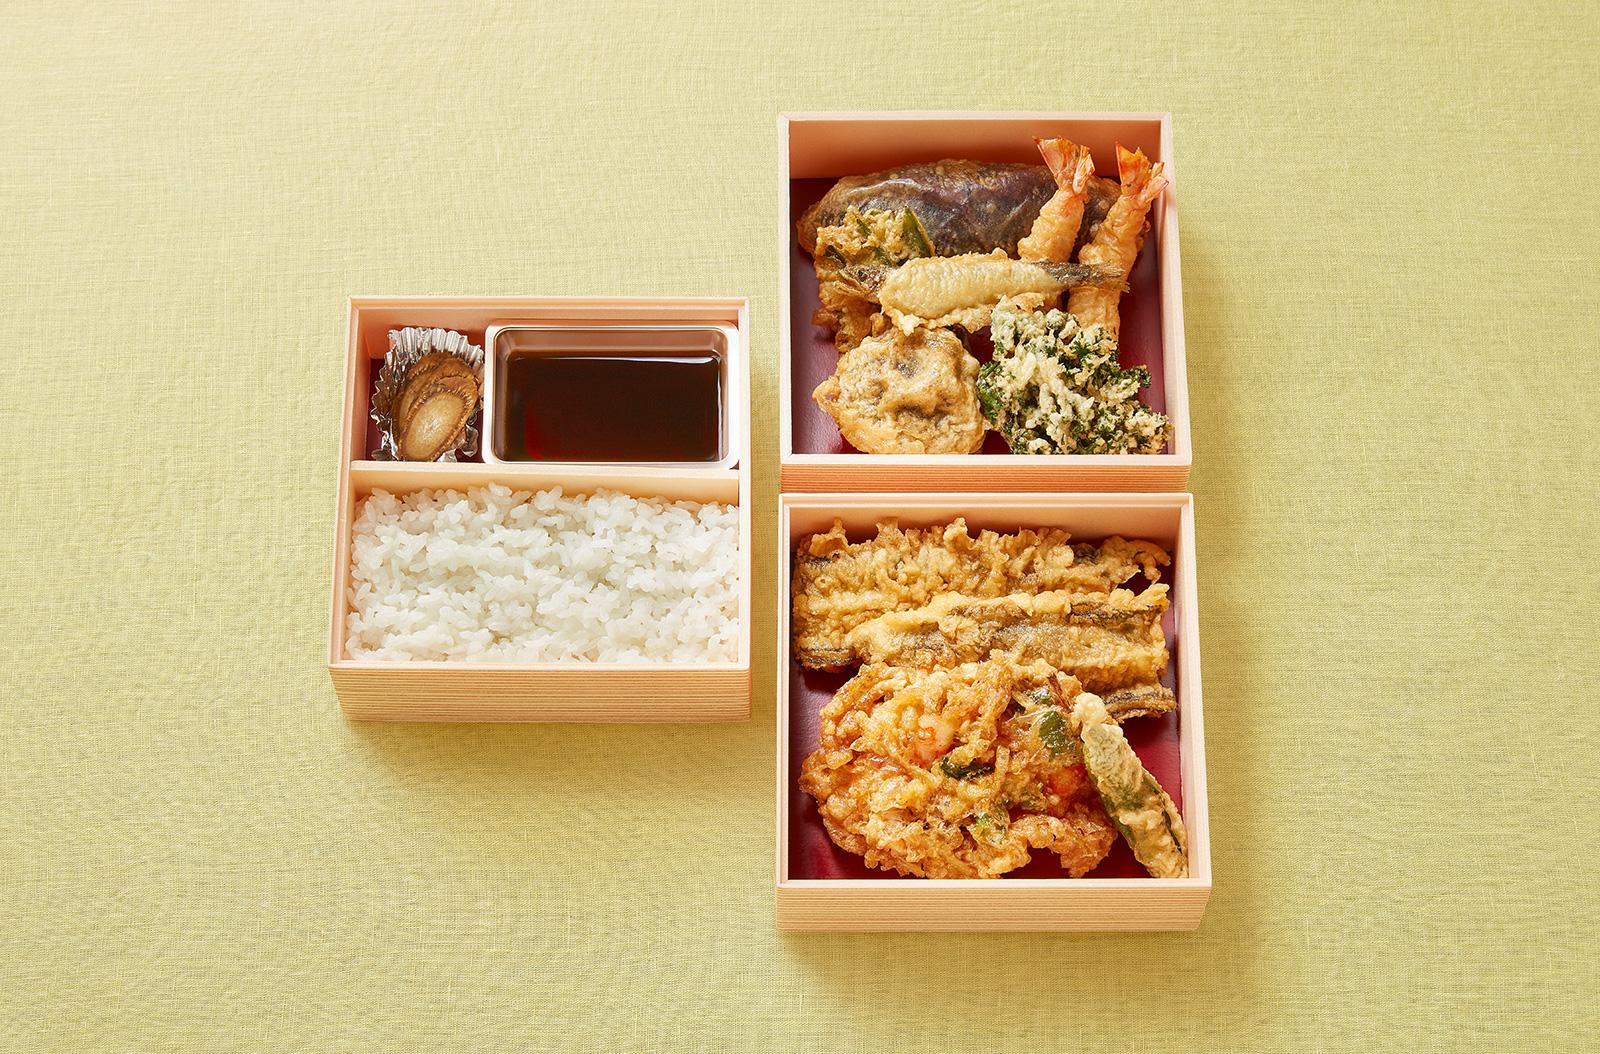 日本橋ゆかり 旬の江戸東京食材を堪能する宴